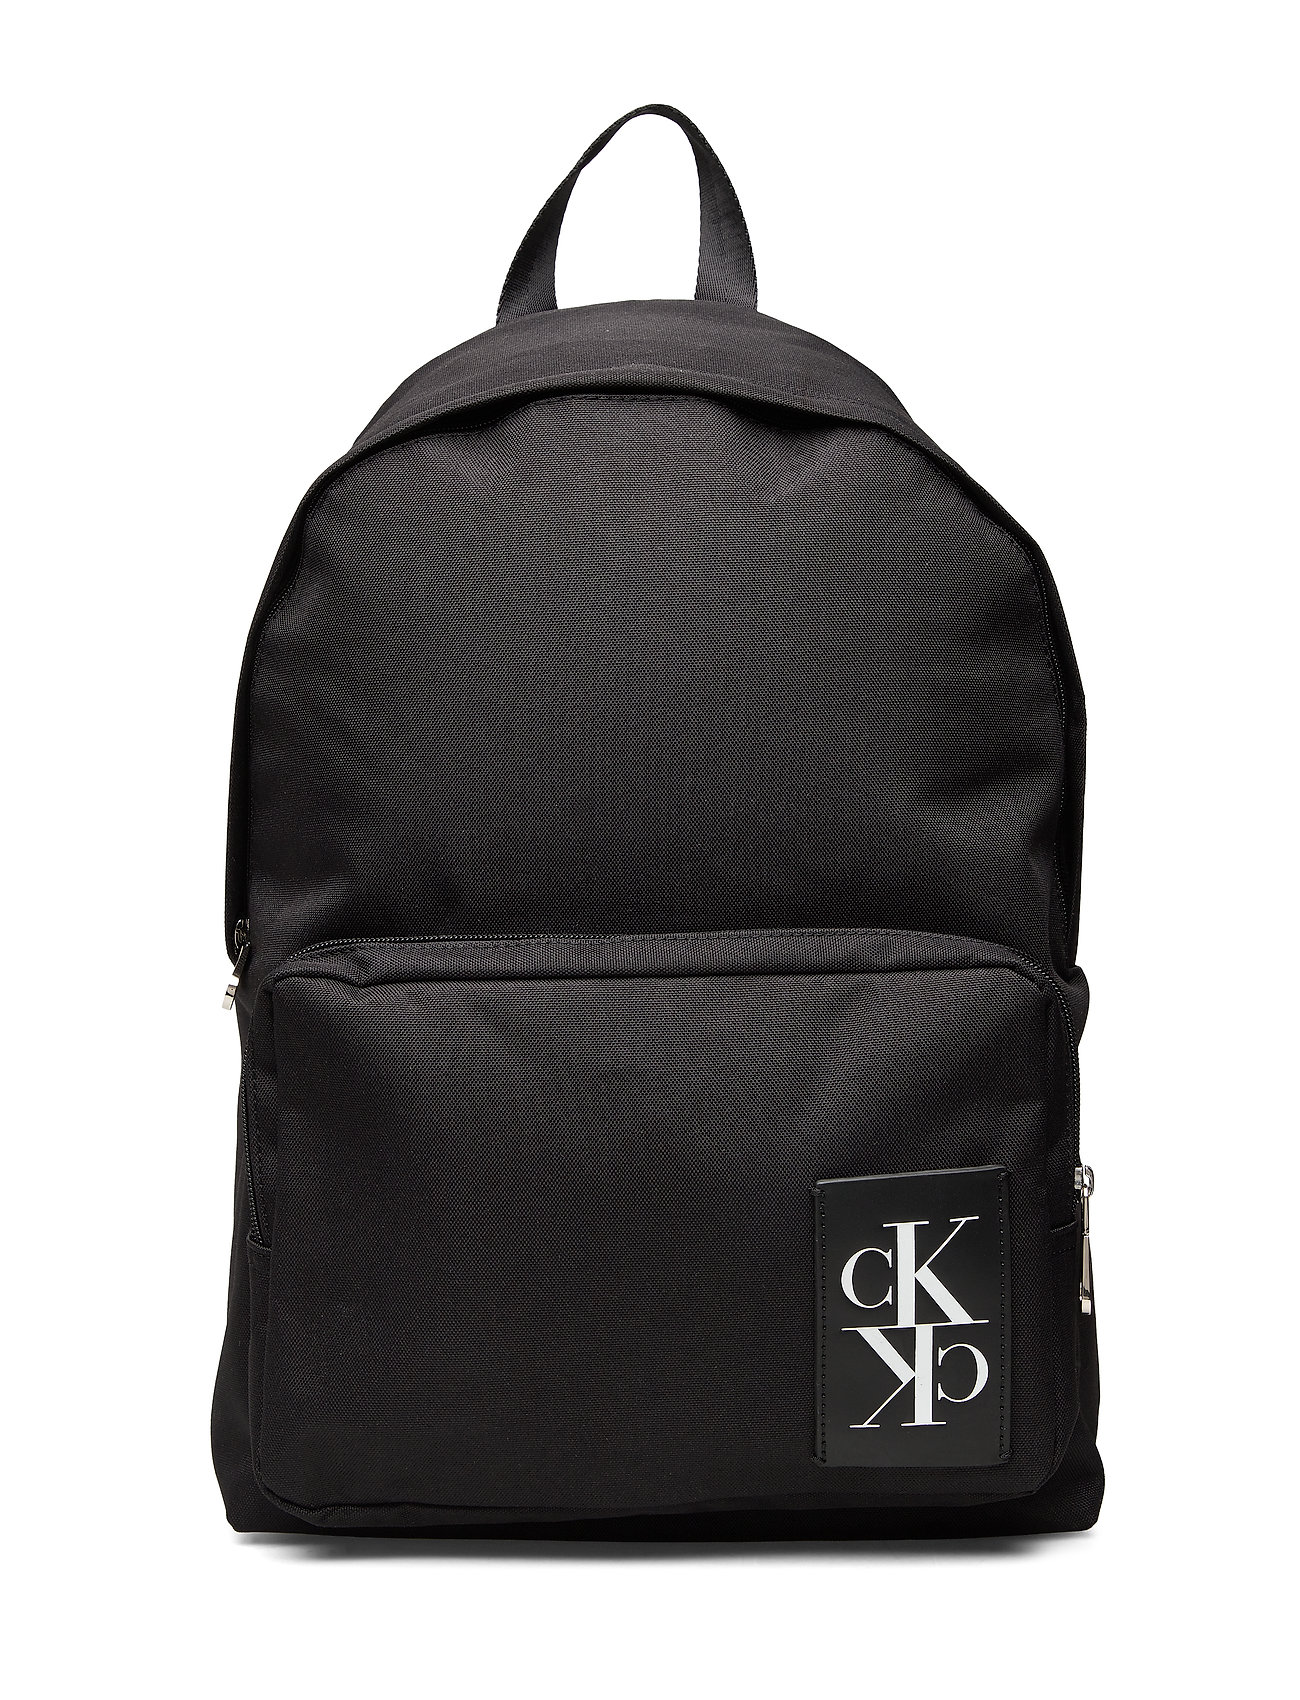 Calvin Klein SPORT ESSENTIALS CP BACKPACK 45 - BLACK